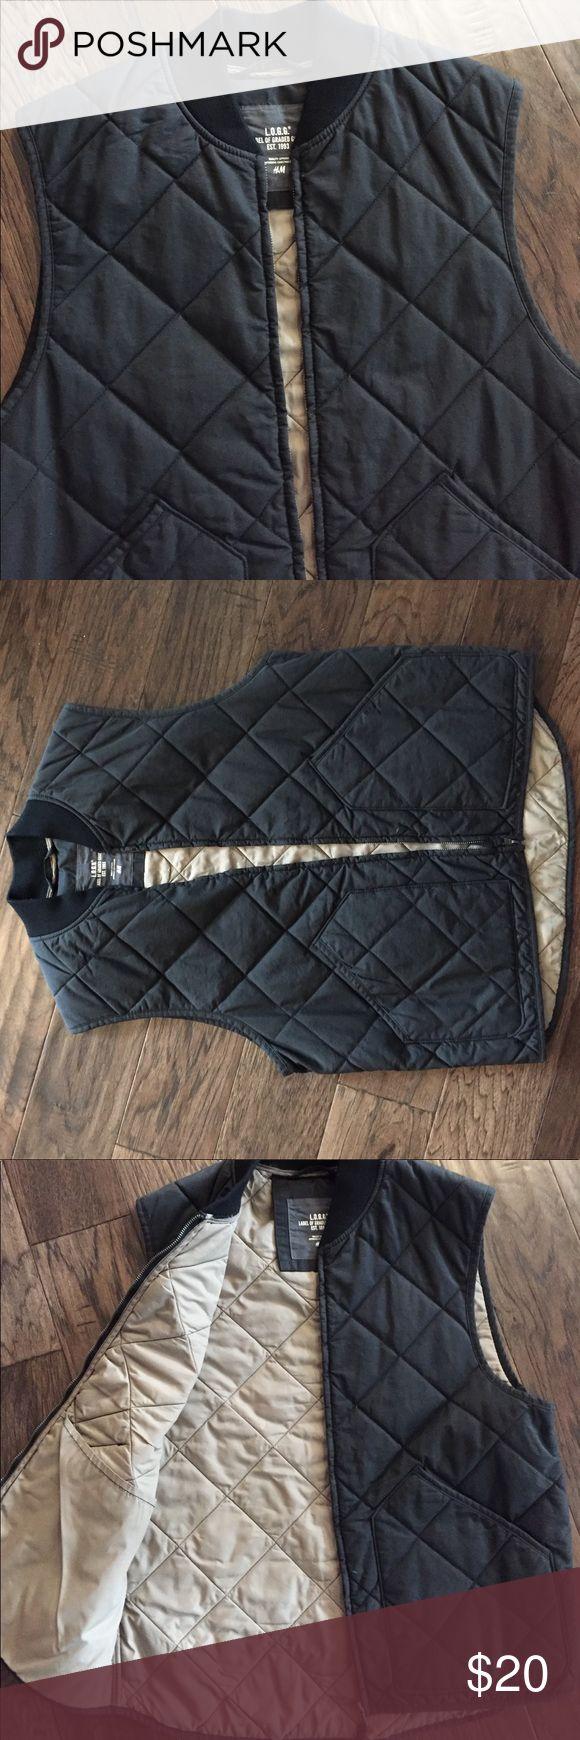 NWOT Men's H&M Vest Men's black quilted vest. New without tags. Size Medium H&M Jackets & Coats Vests